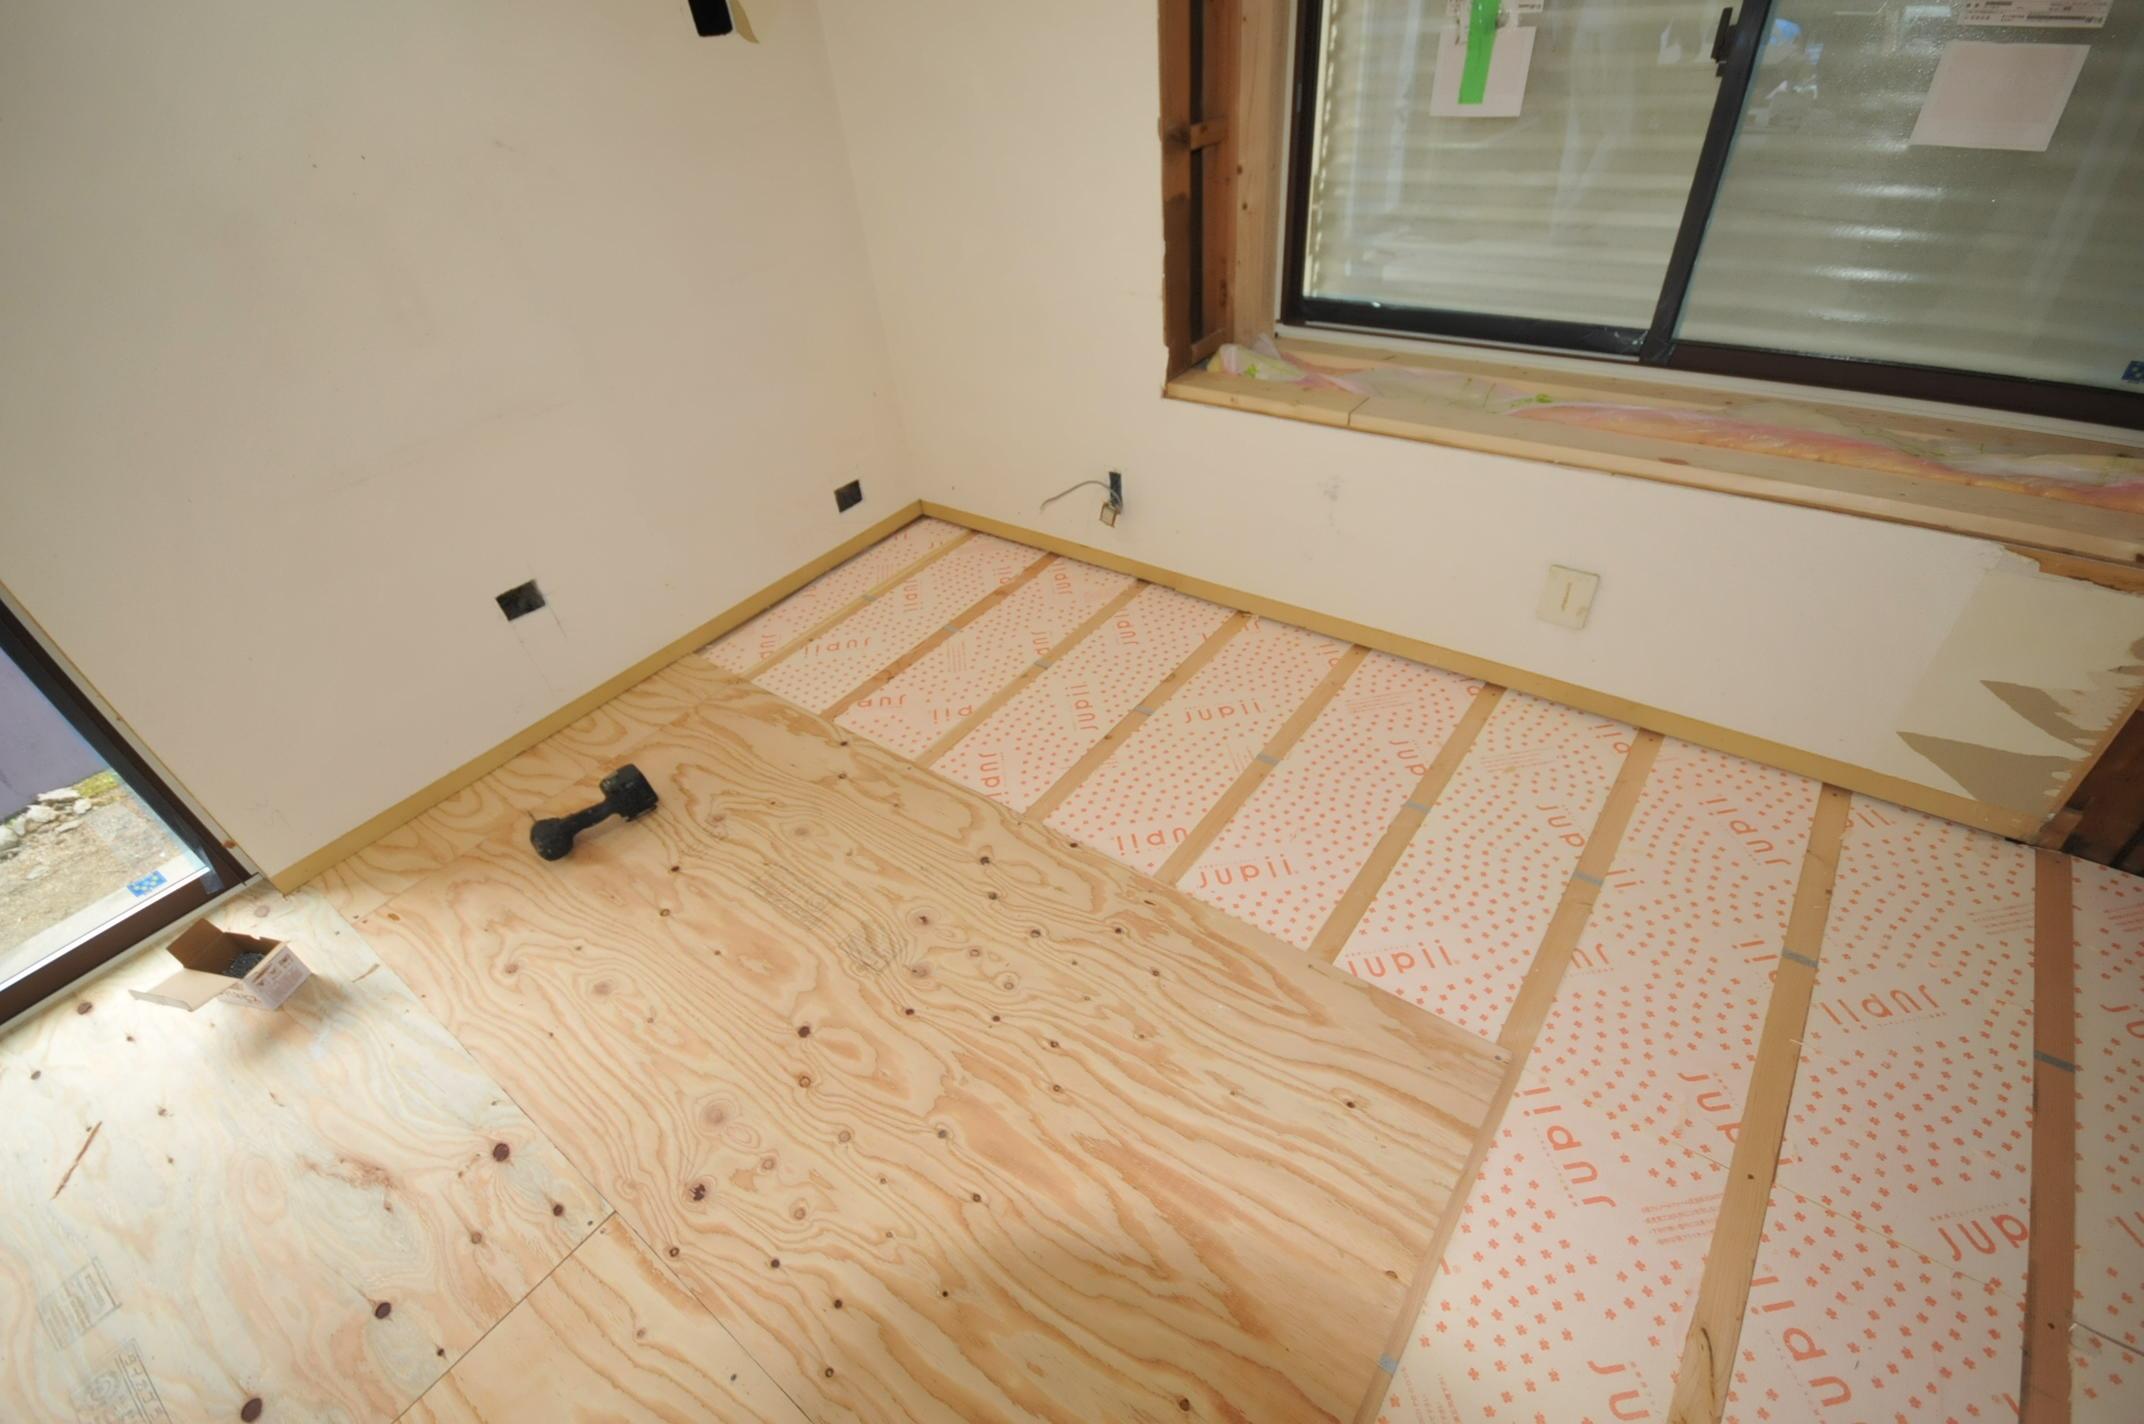 床に45㎜ジュピー断熱材を敷き詰めました。